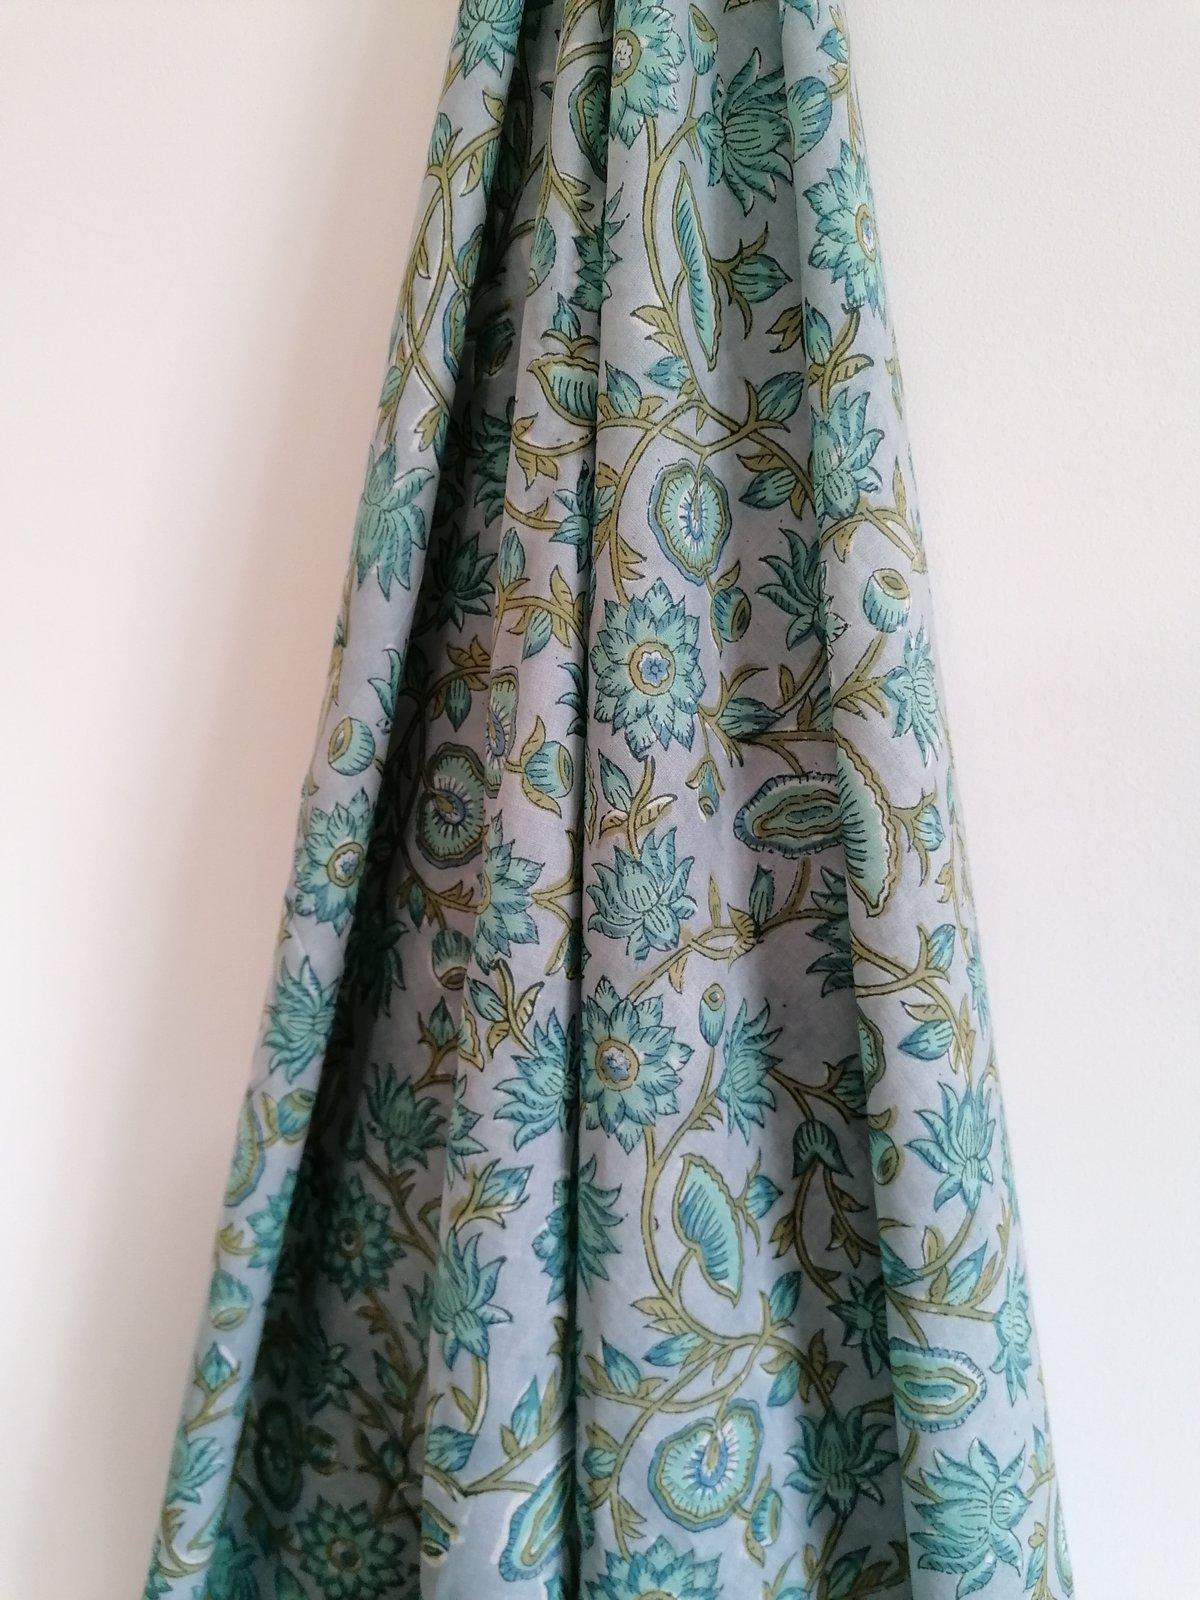 Image of Namasté fabric fond gris fleurs vertes bleutées